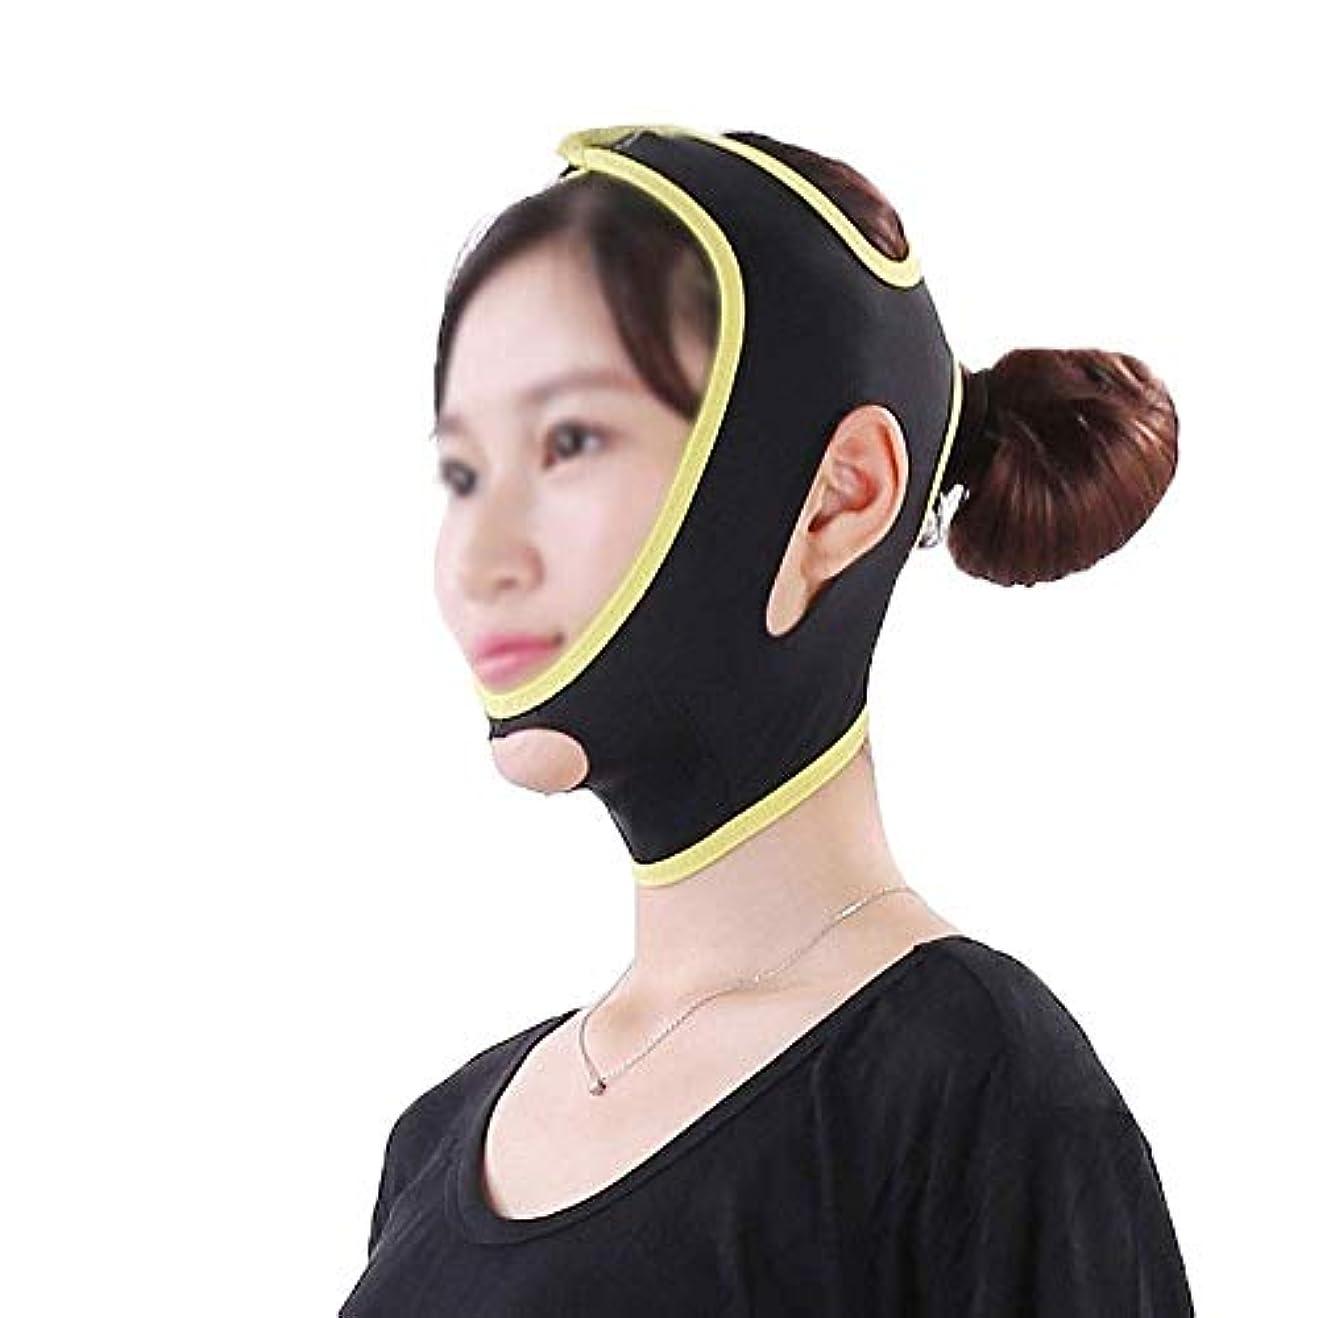 離れて現実安全性フェイス&ネックリフト、フェイスリフトマスク強力なフェイスマスクフェイスリフトアーチファクトフェイスリフティングフェイスリフティングツールフェイスリフティング包帯シンフェイスマスク美容マスク(サイズ:L)